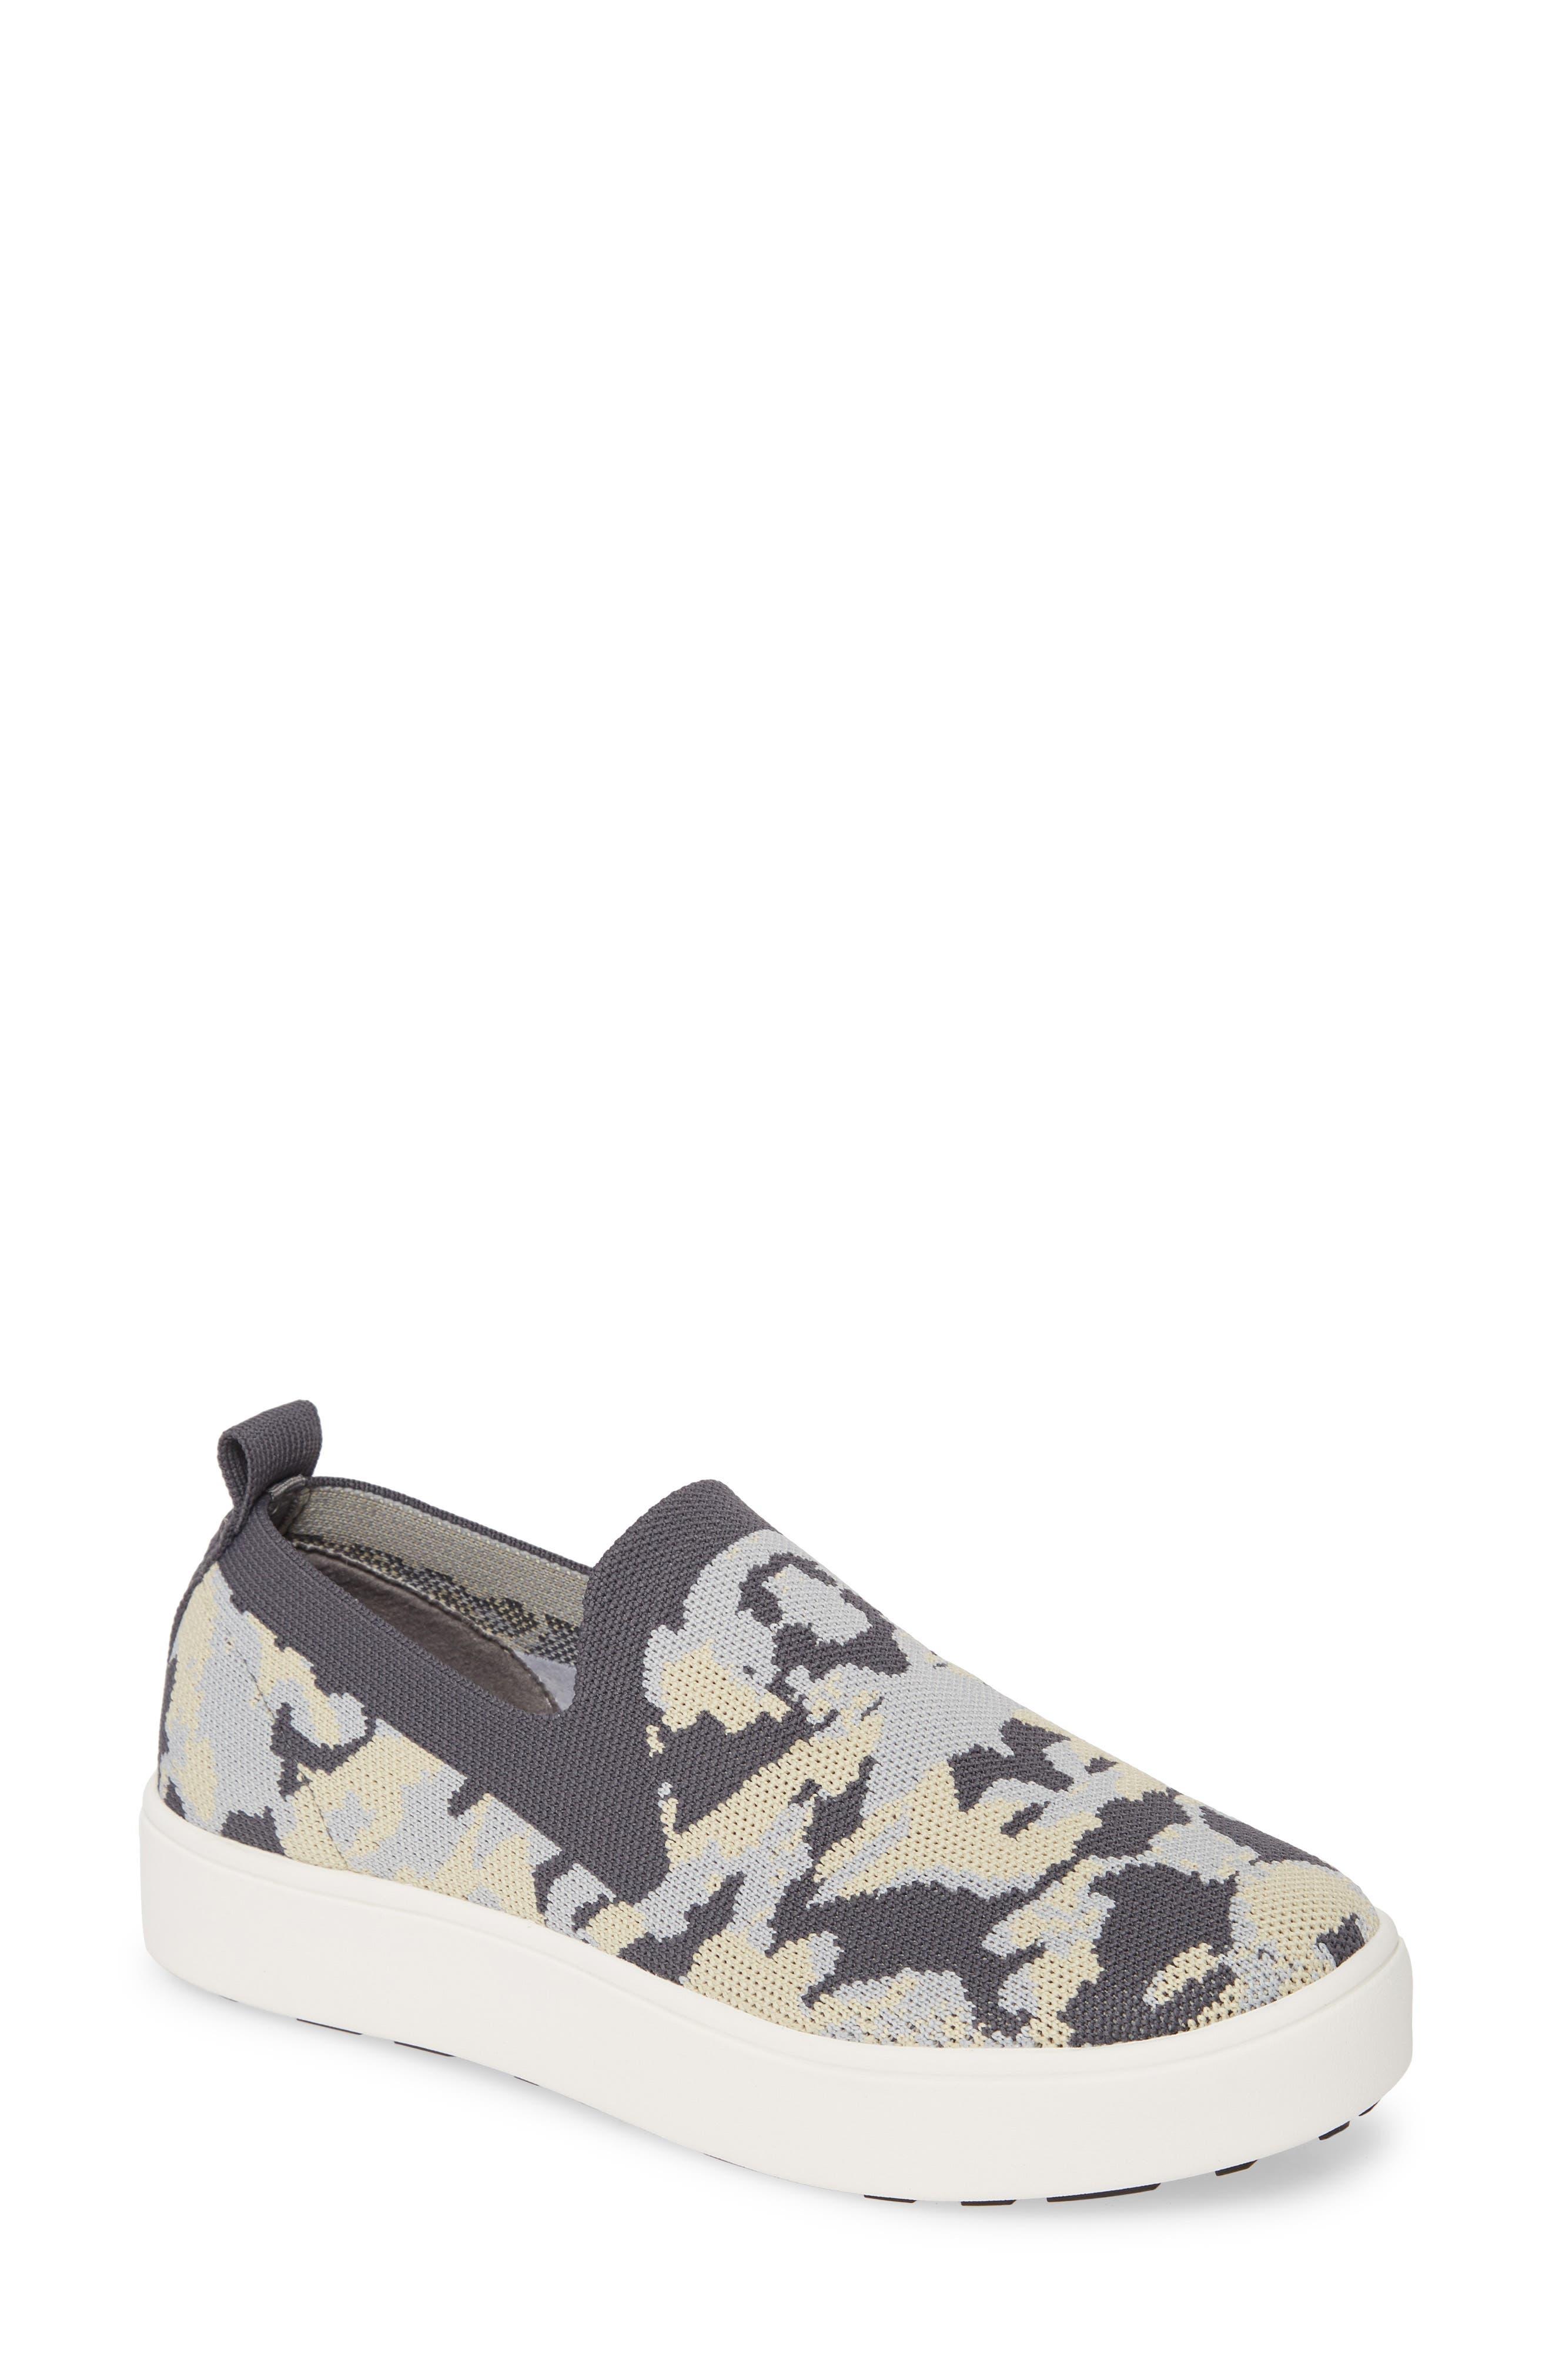 Bernie Mev. Jenna Slip-On Sneaker, Grey